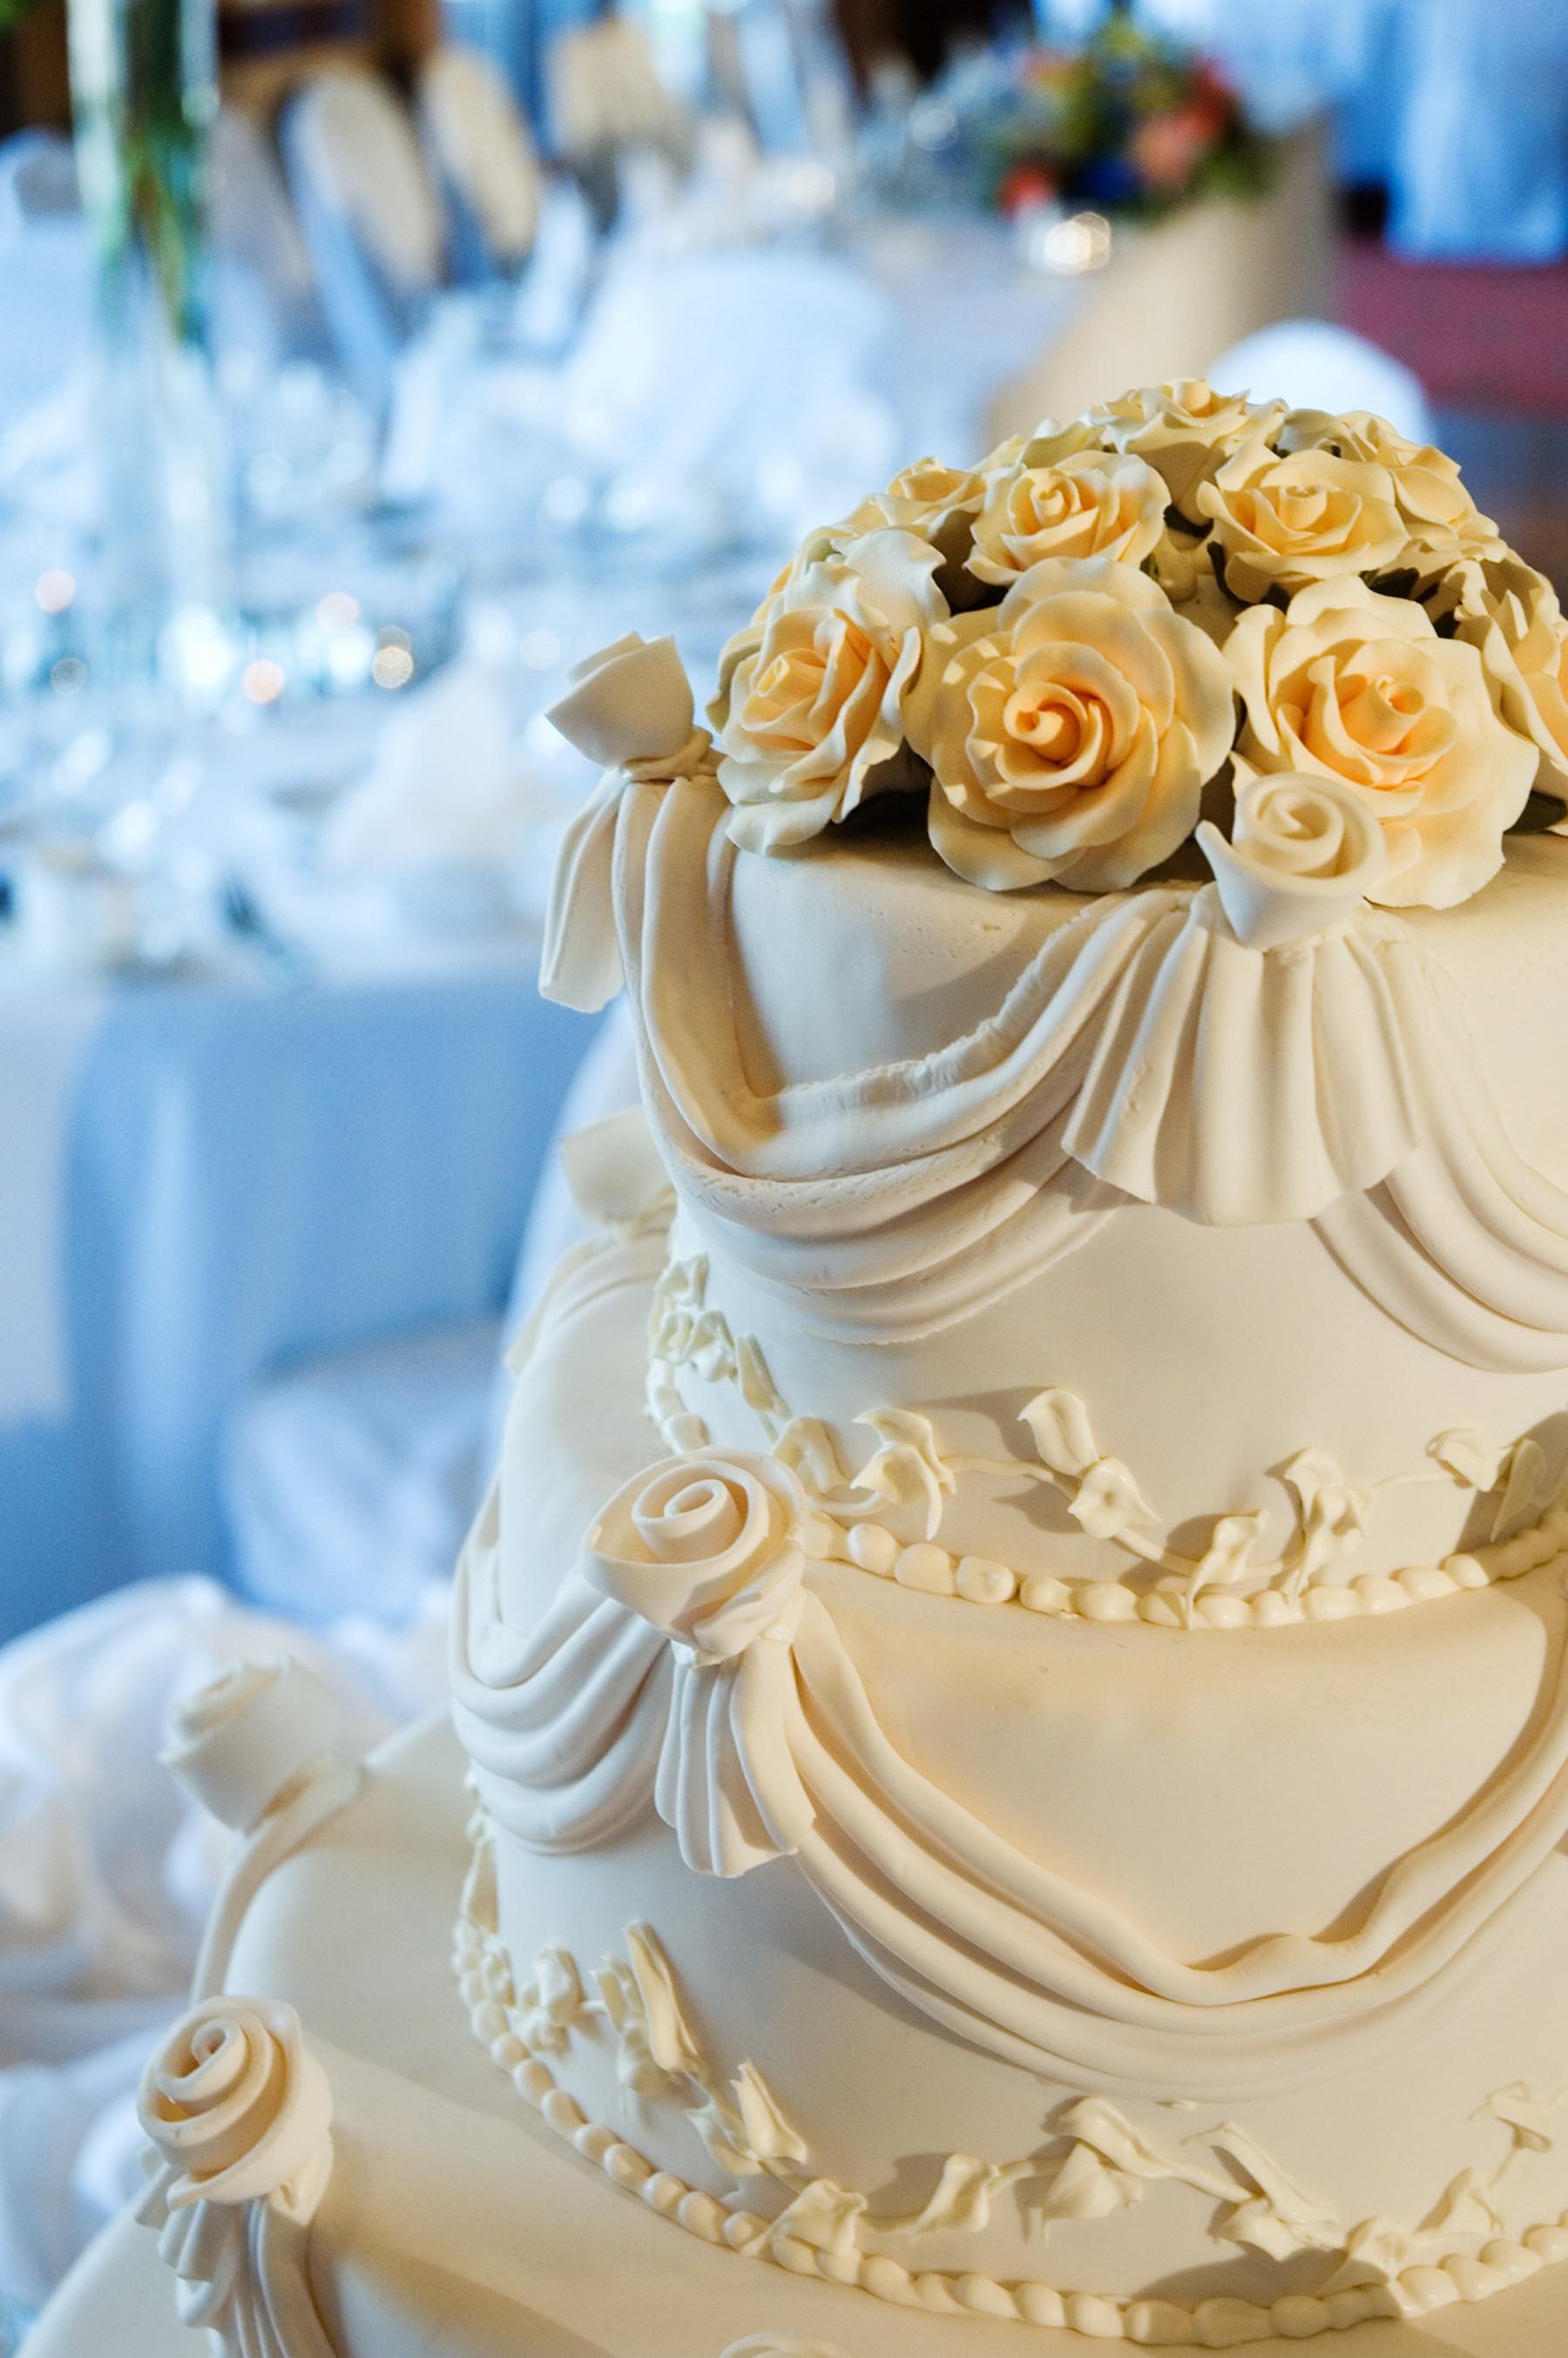 Wedding Cakes Decoration 20 Best Wedding Cake Decorating Ideas Easy Wedding Cake